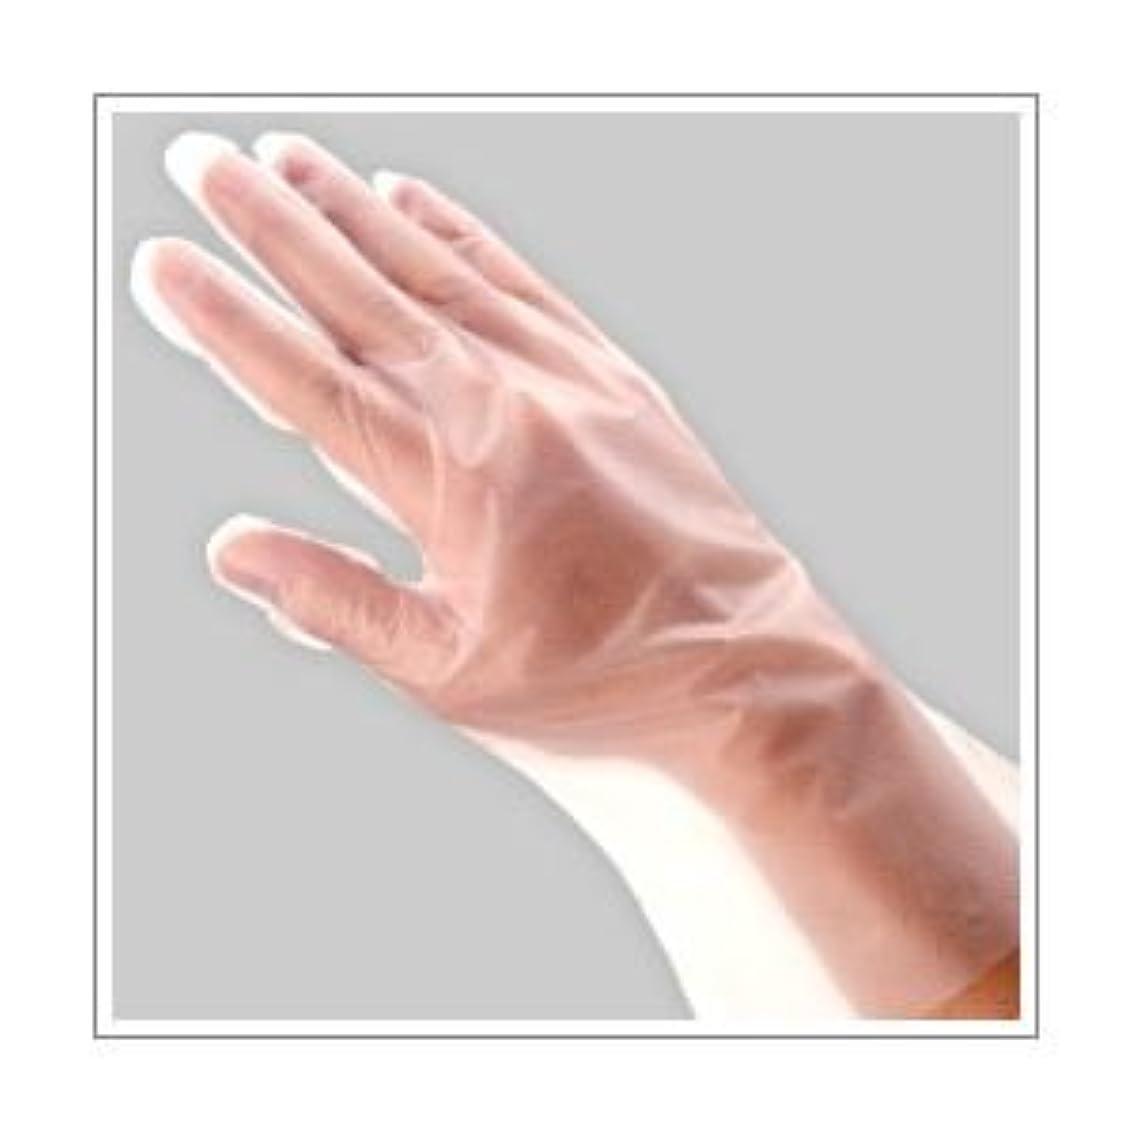 プレミアム作動する時々時々福助工業 ポリ手袋 指フィット 100枚パック L ×10セット